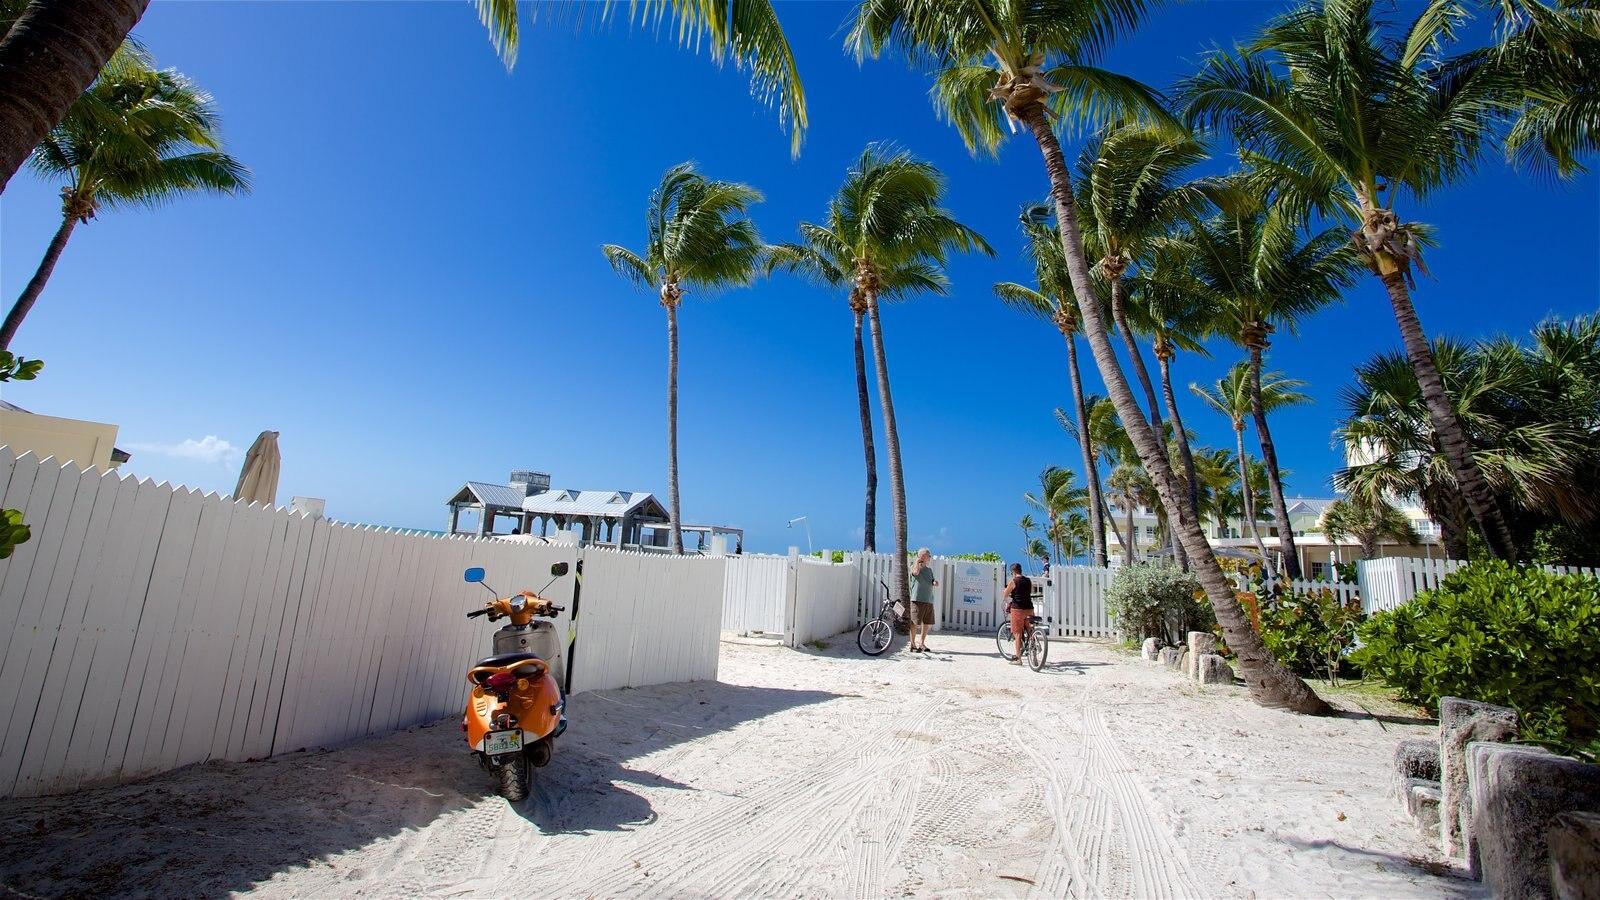 Sul da Flórida que inclui cenas tropicais e uma praia de areia assim como um casal